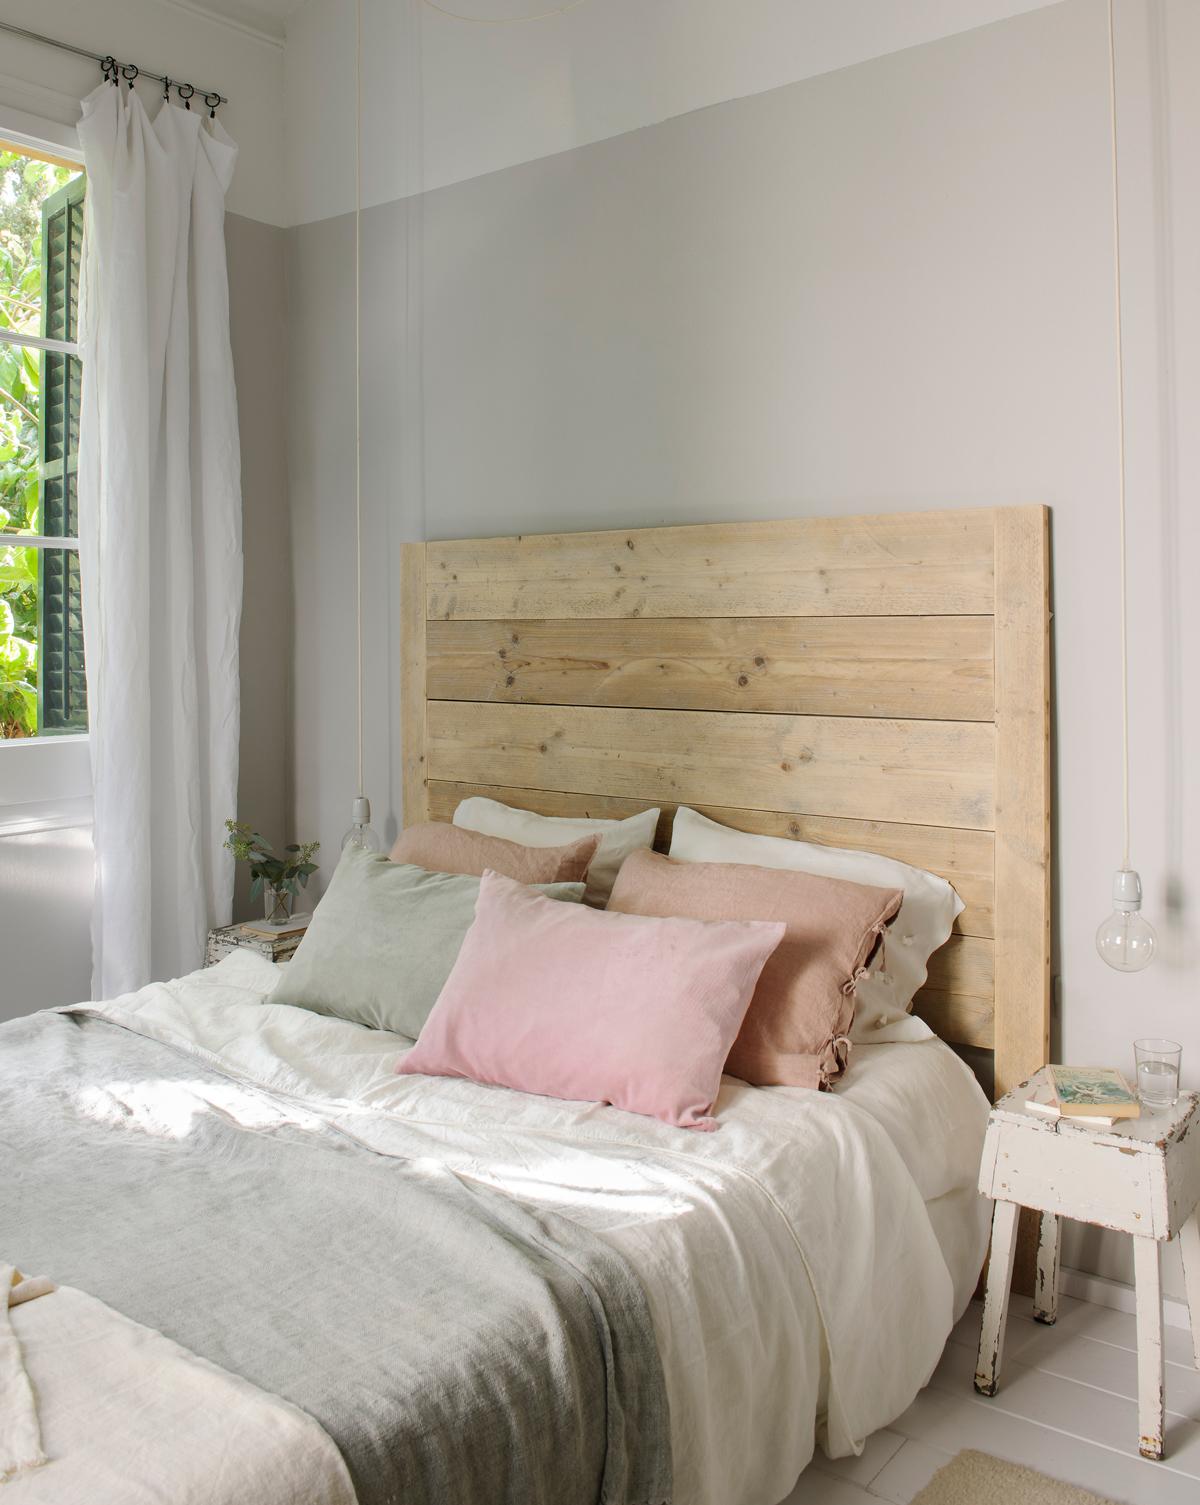 Feng shui para decorar tu dormitorio - Habitacion de madera ...